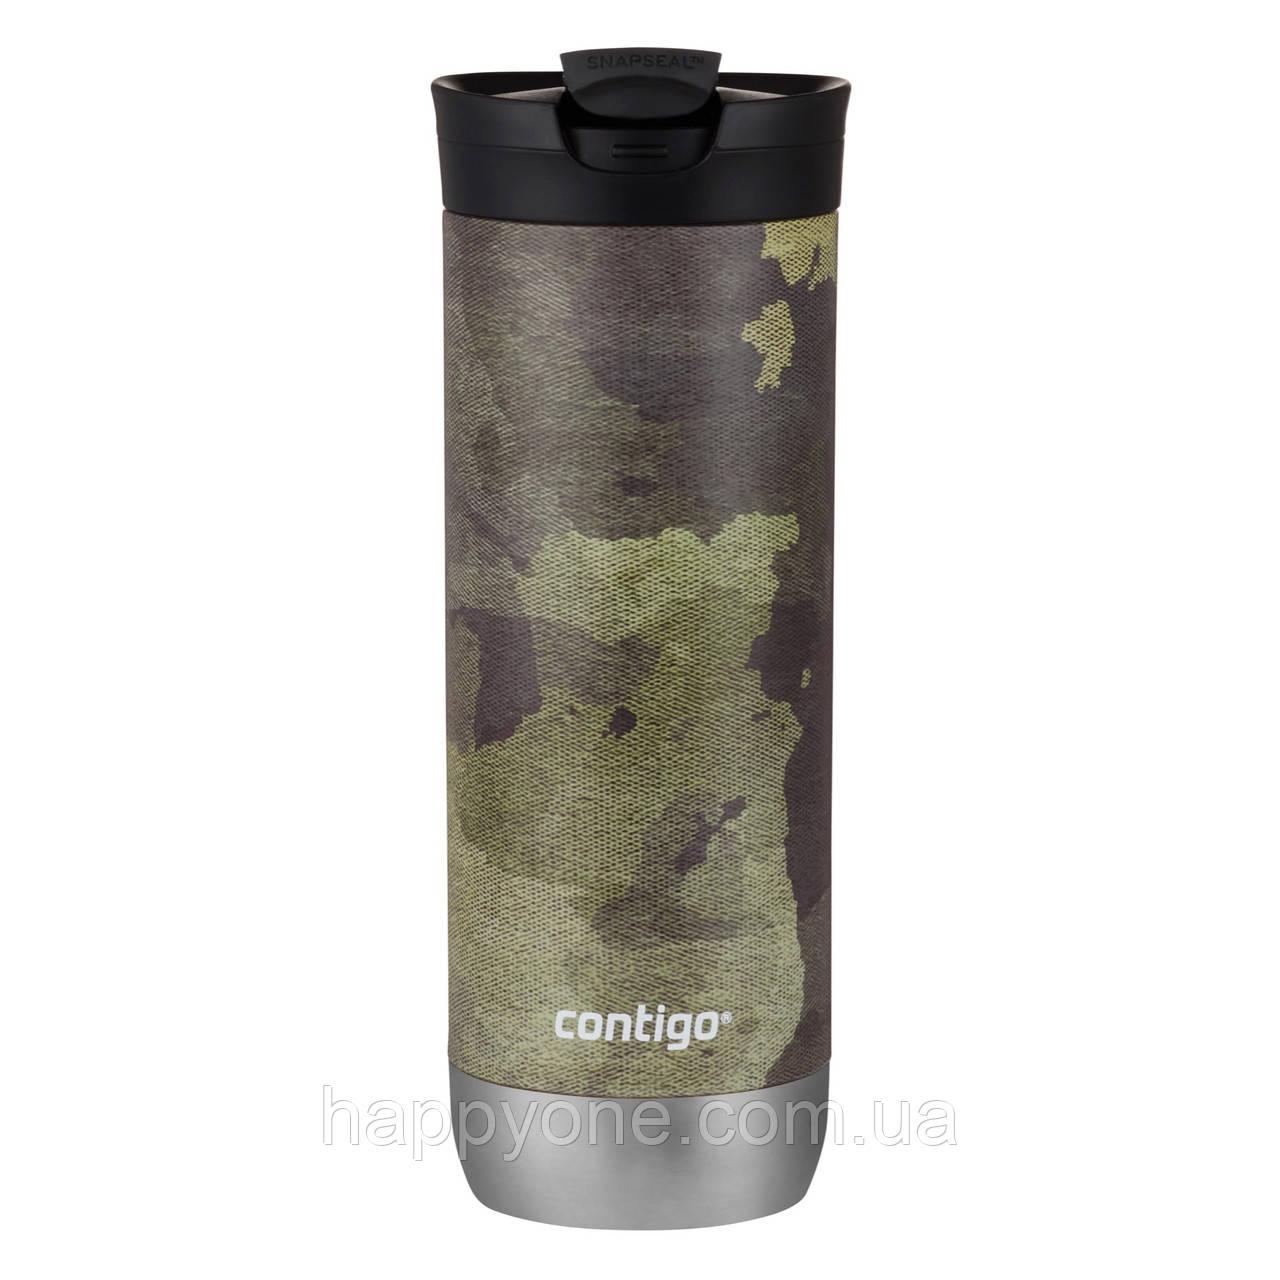 Термокружка Contigo Huron New Couture Snapseal Textured Camo (590 мл)